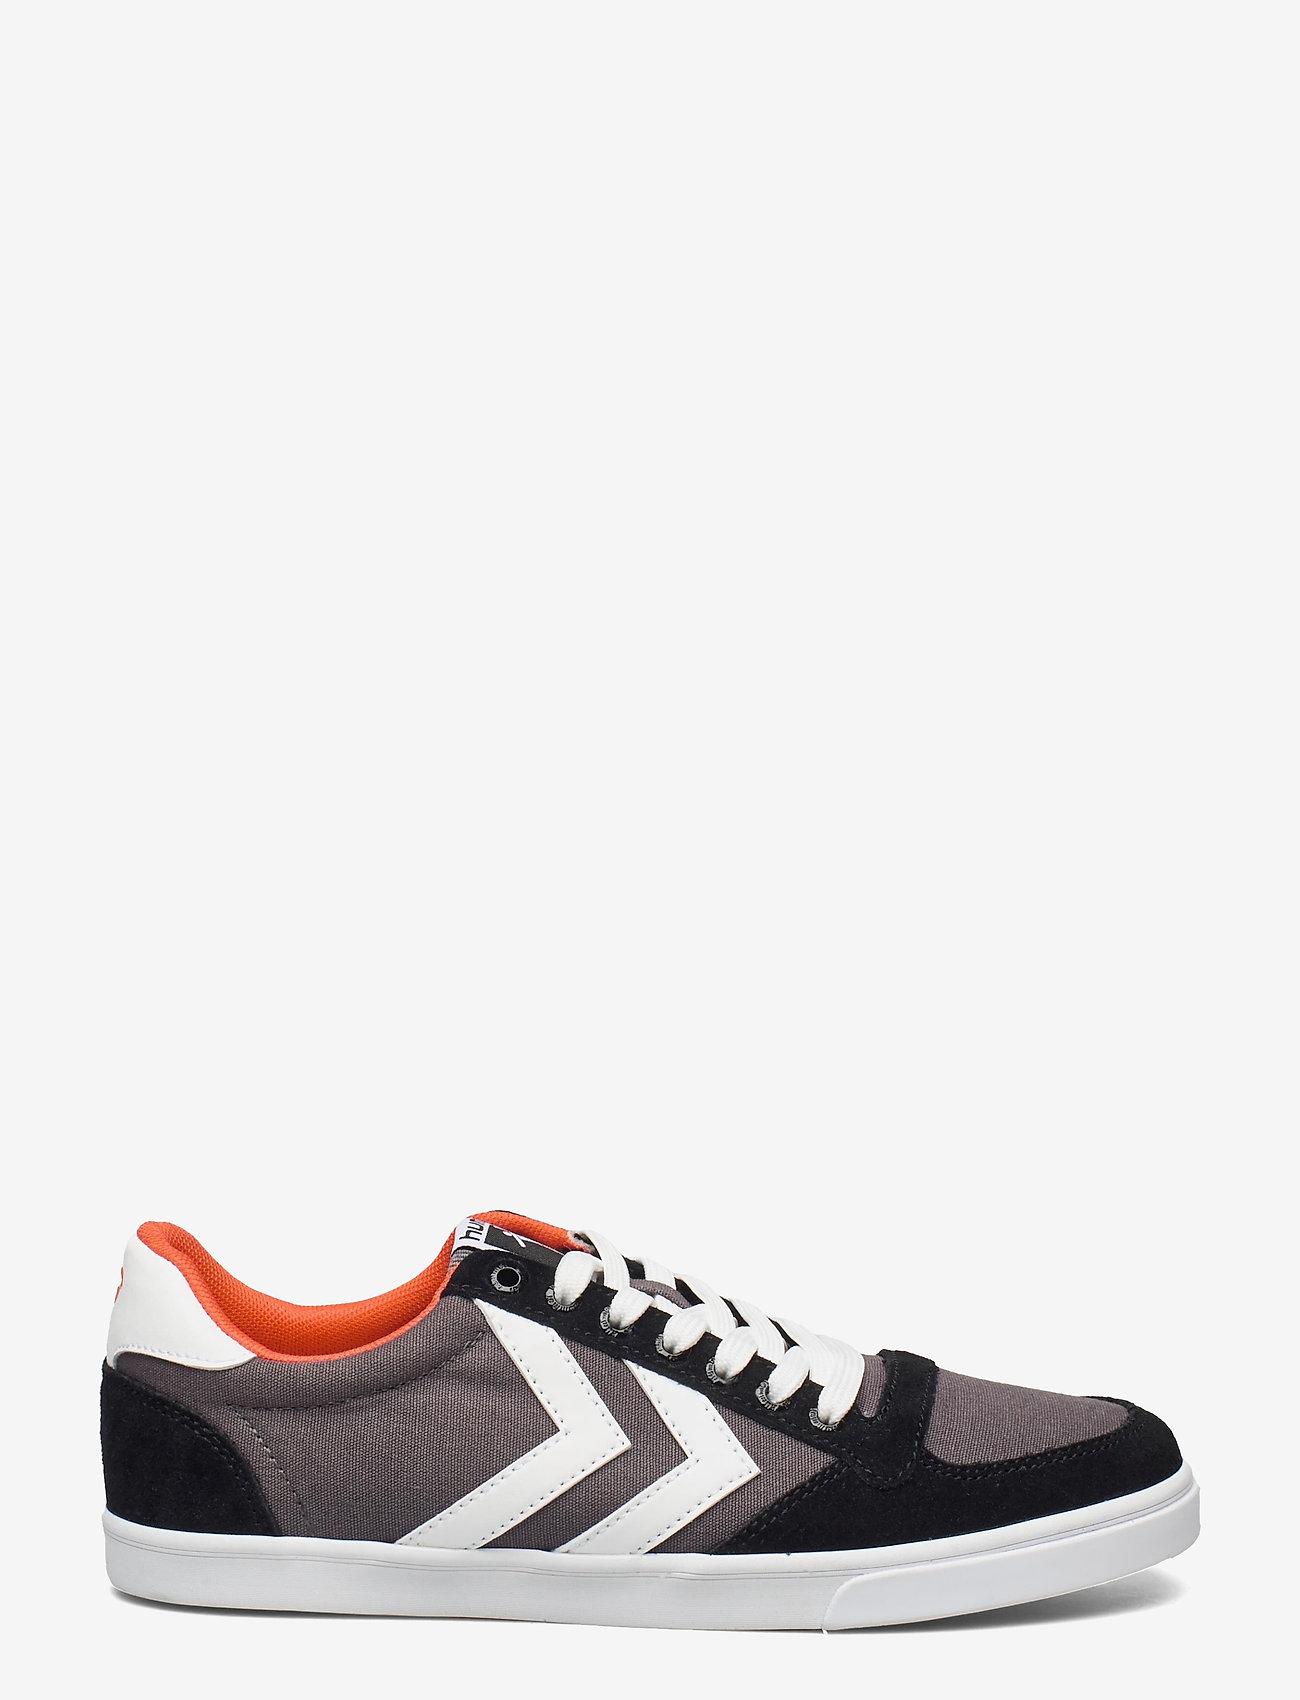 Hummel - SLIMMER STADIL LOW - laag sneakers - black - 0